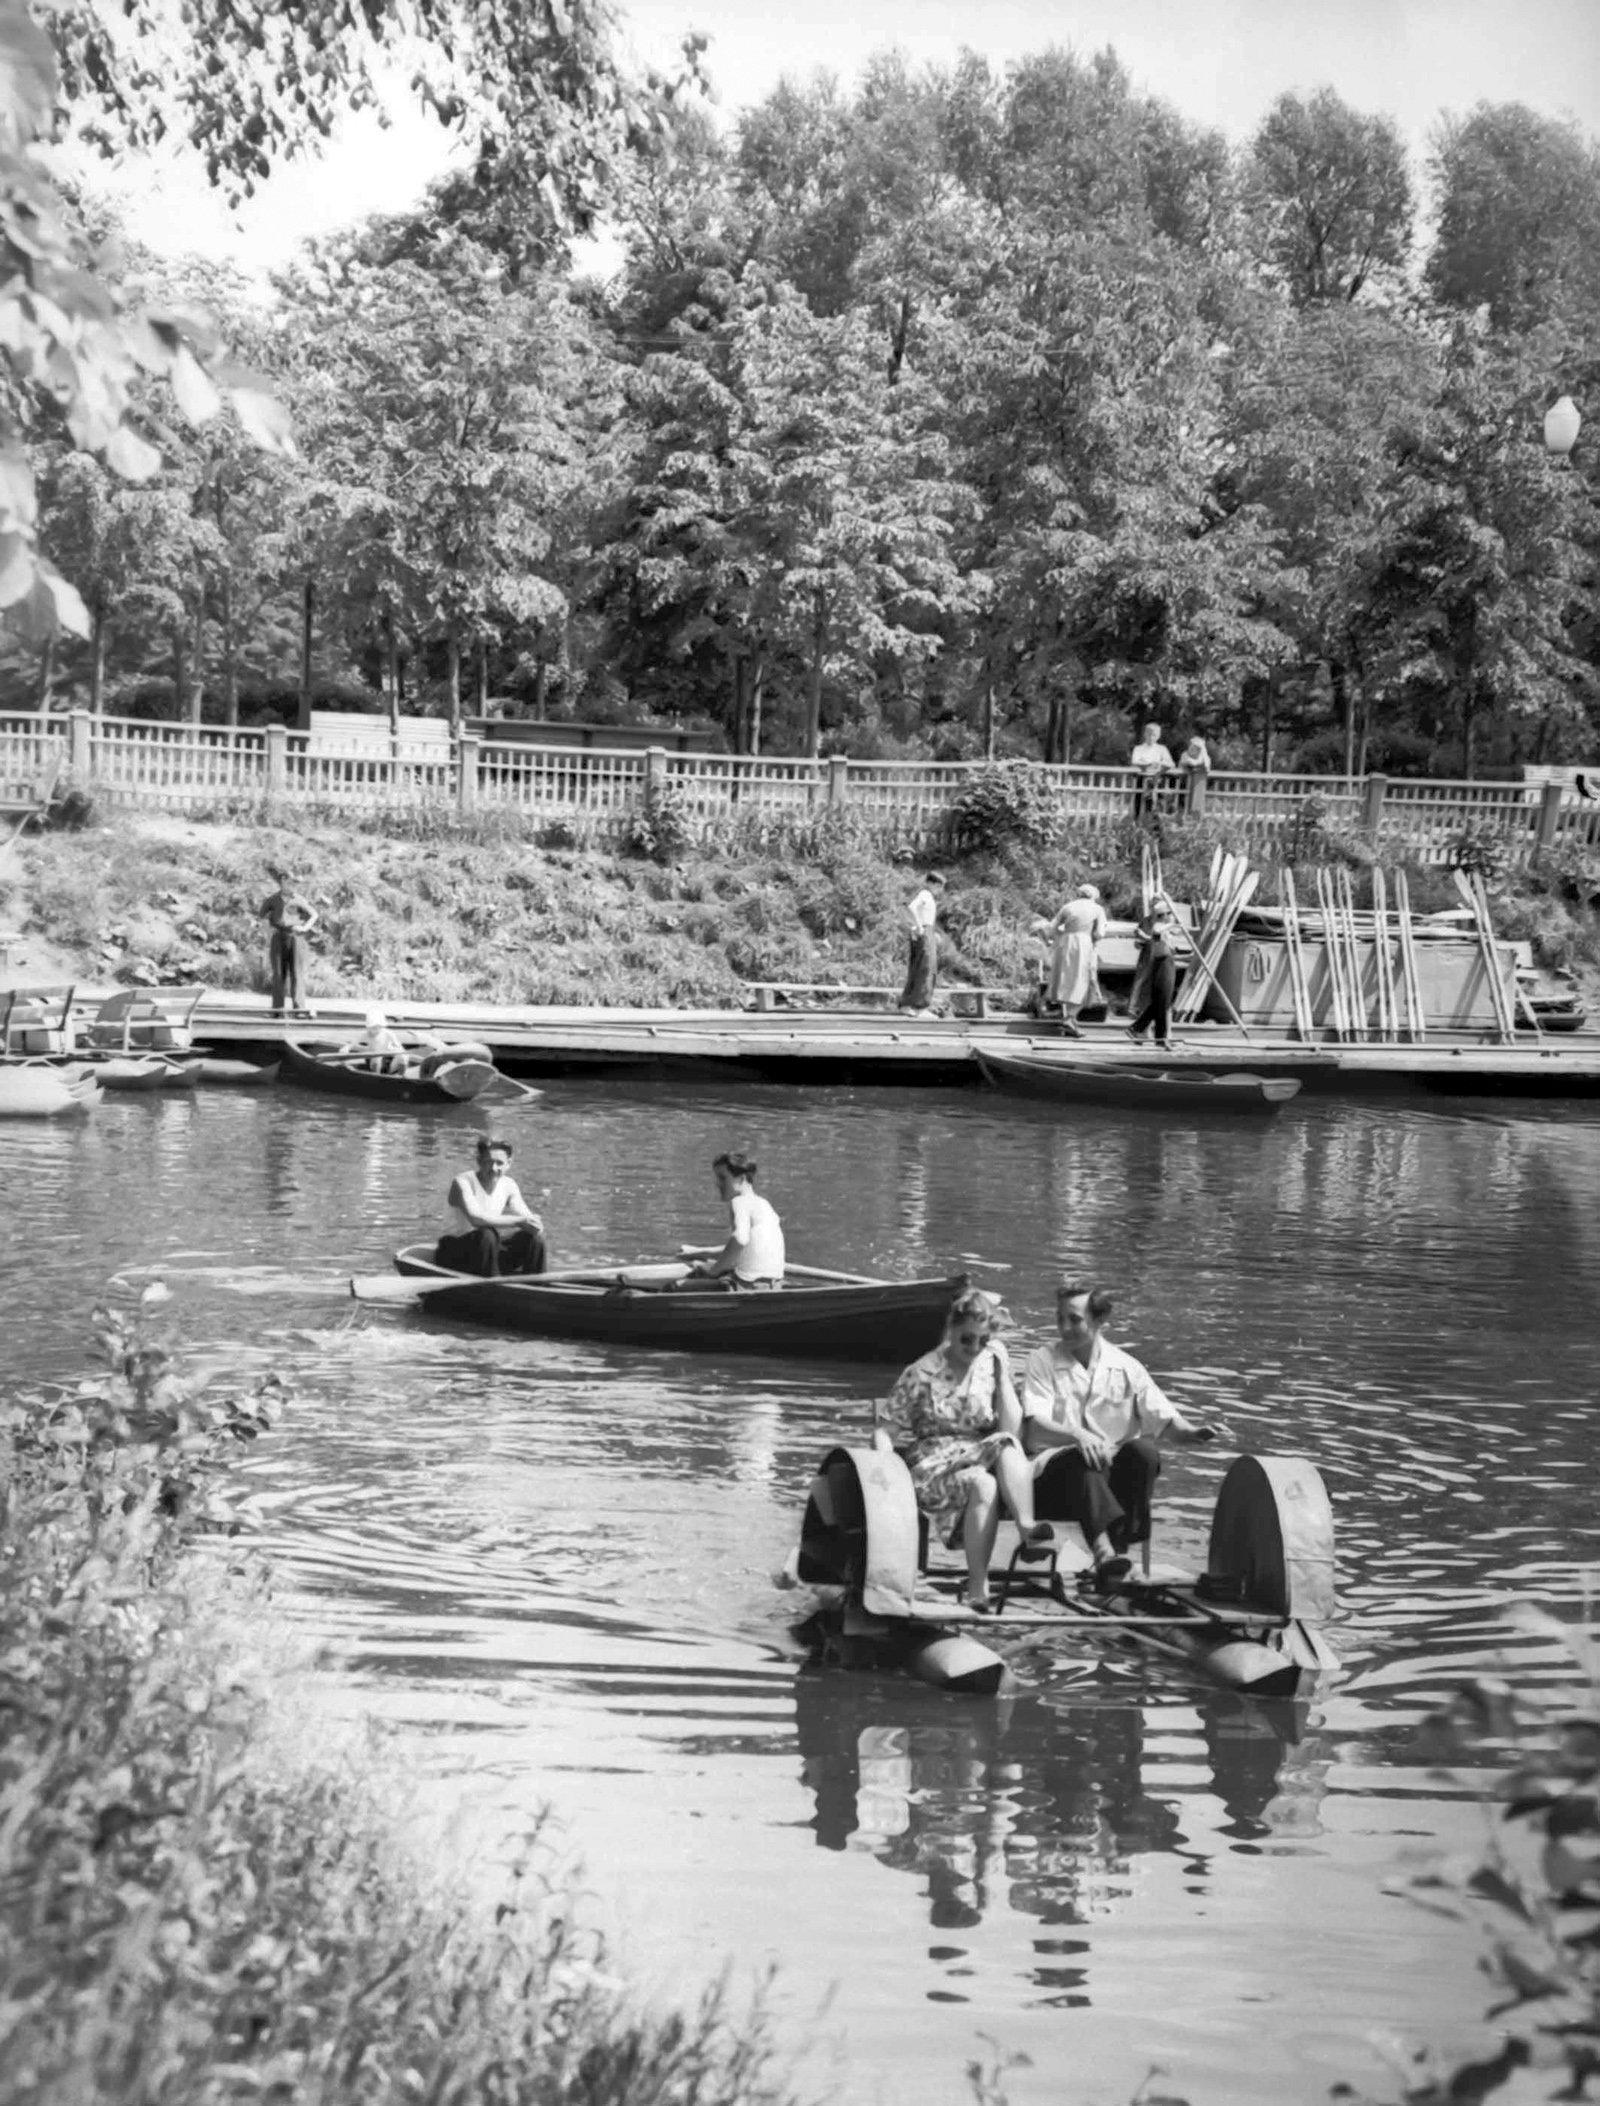 Отдых на воде в Измайловском парке. Снимок из серии «Парки столицы». Автор Б. Трепетов. 1960 год. Главархив Москвы